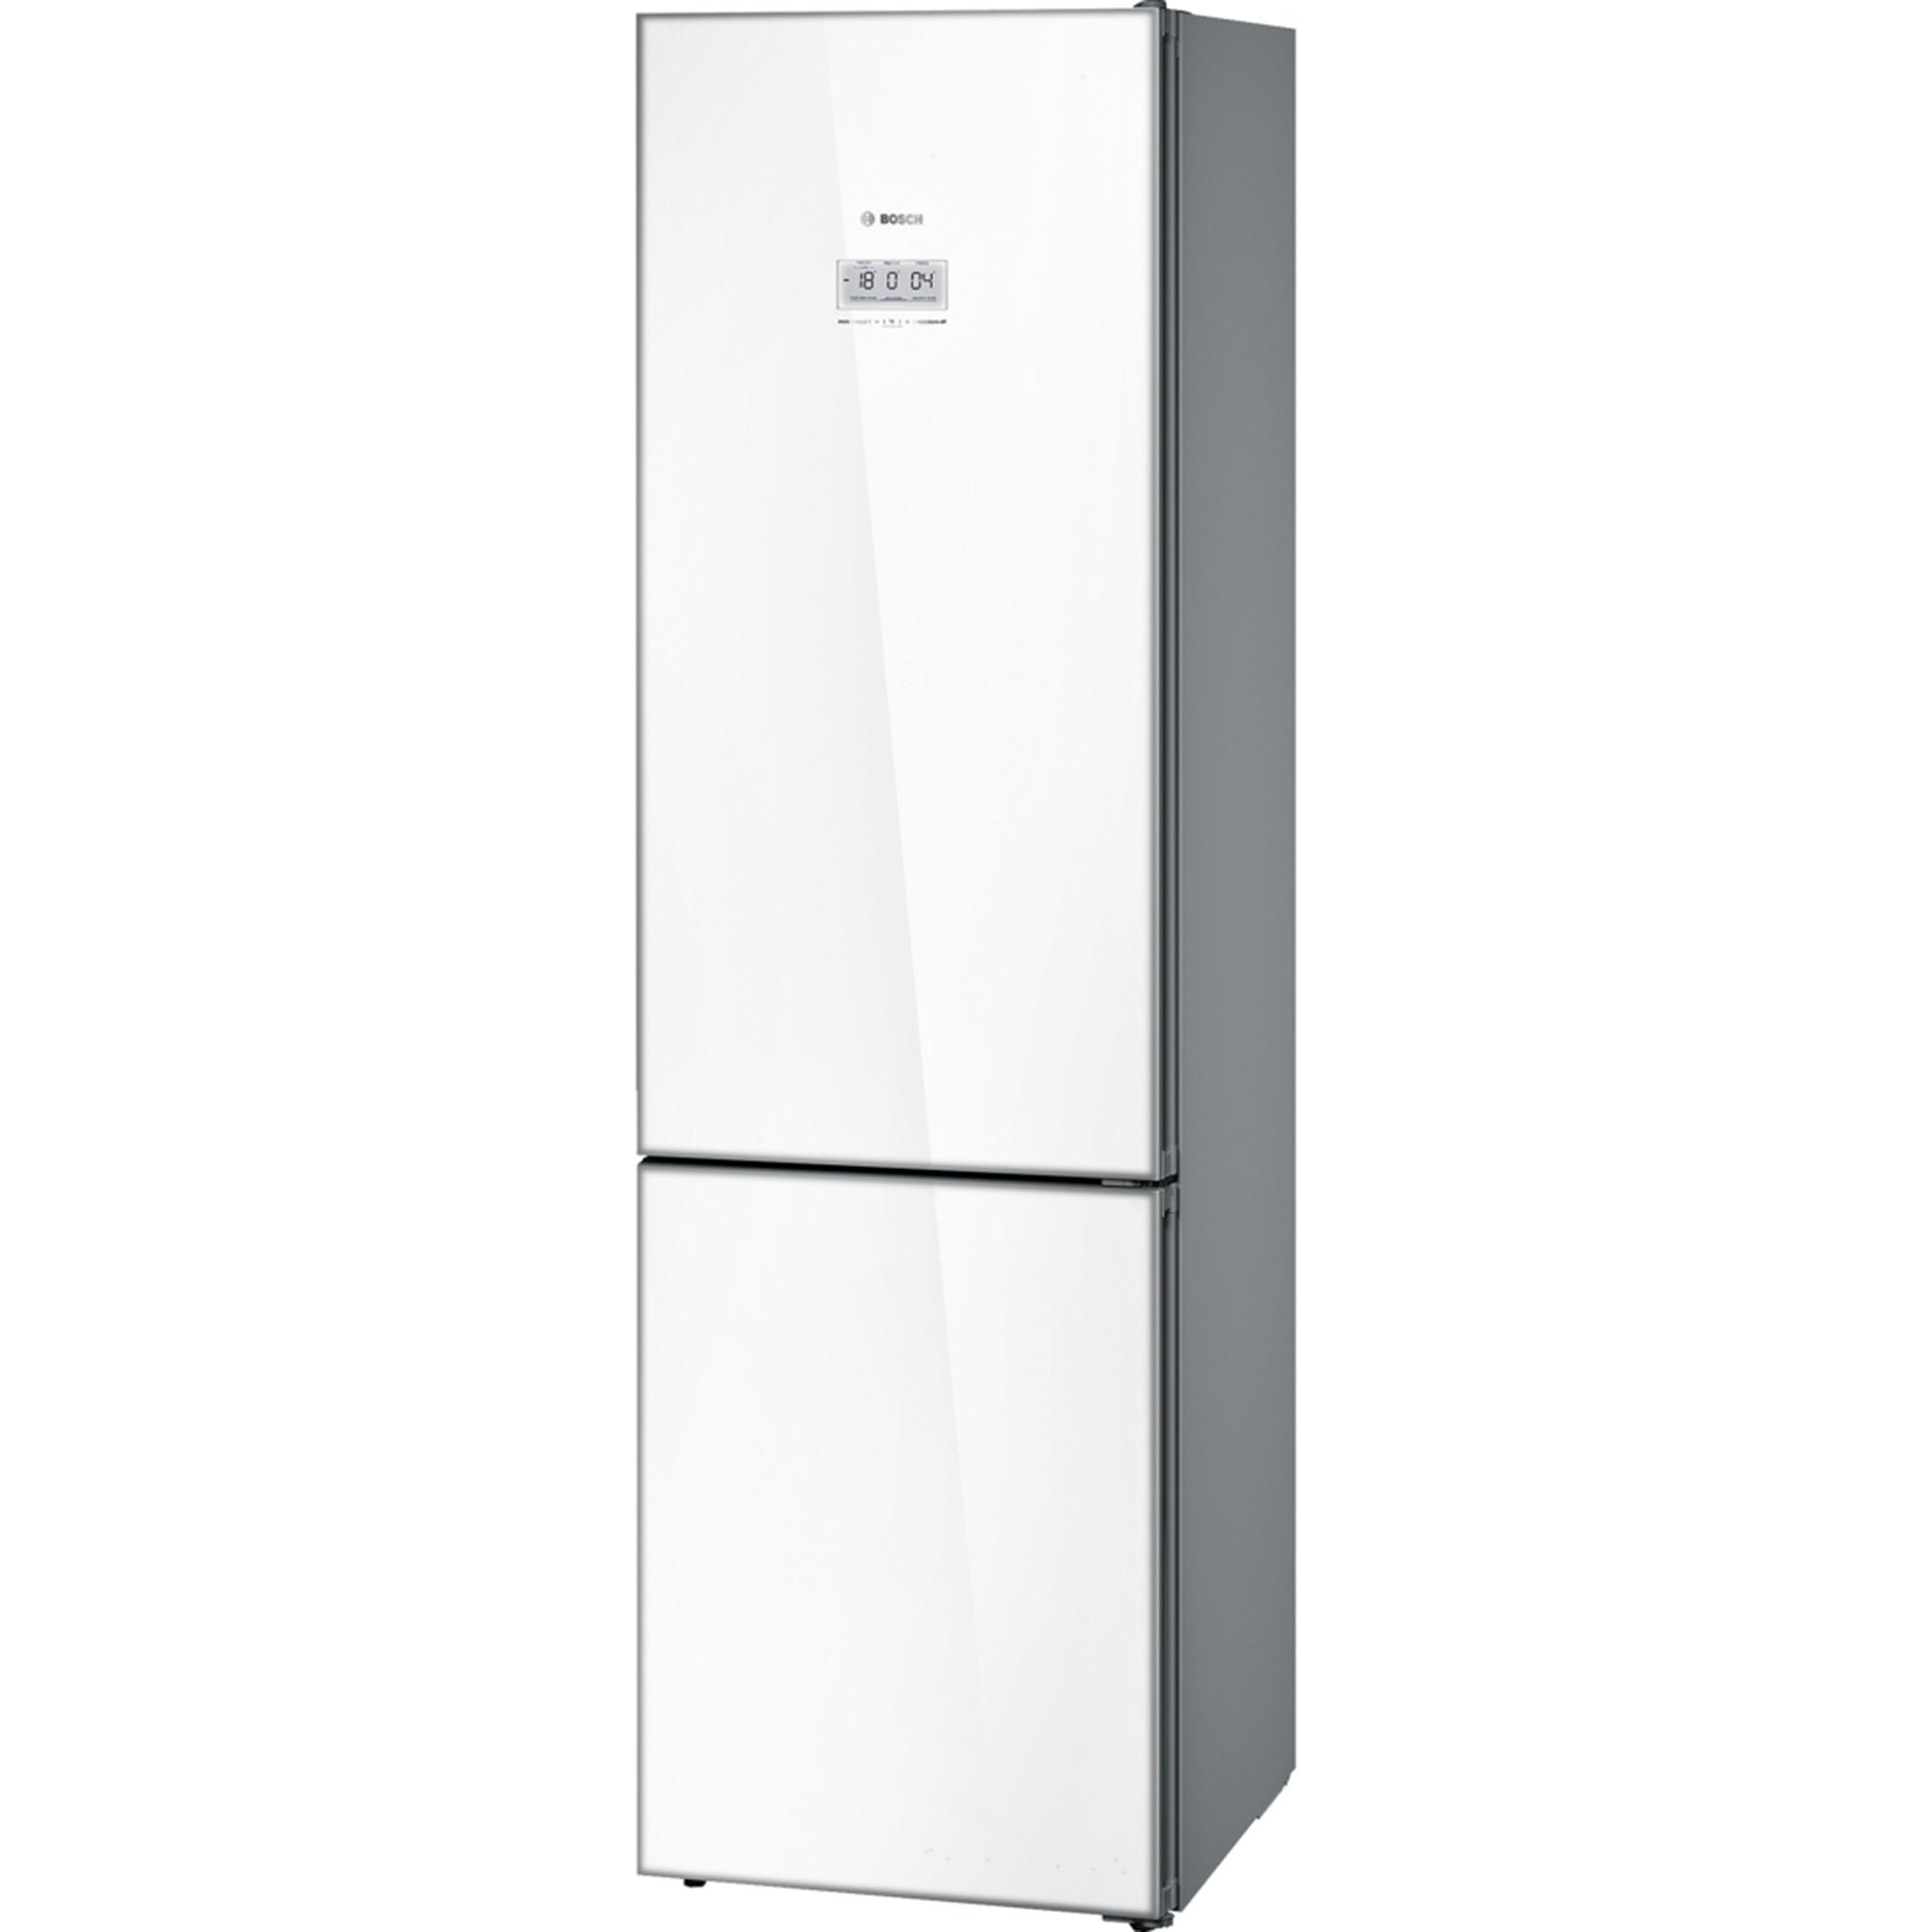 Fotografie Combina frigorifica Bosch KGF39SW45, 343 l, Clasa A+++, No Frost, VitaFresh Pro, Iluminare LED, WiFi Ready, H 203 cm, Alb